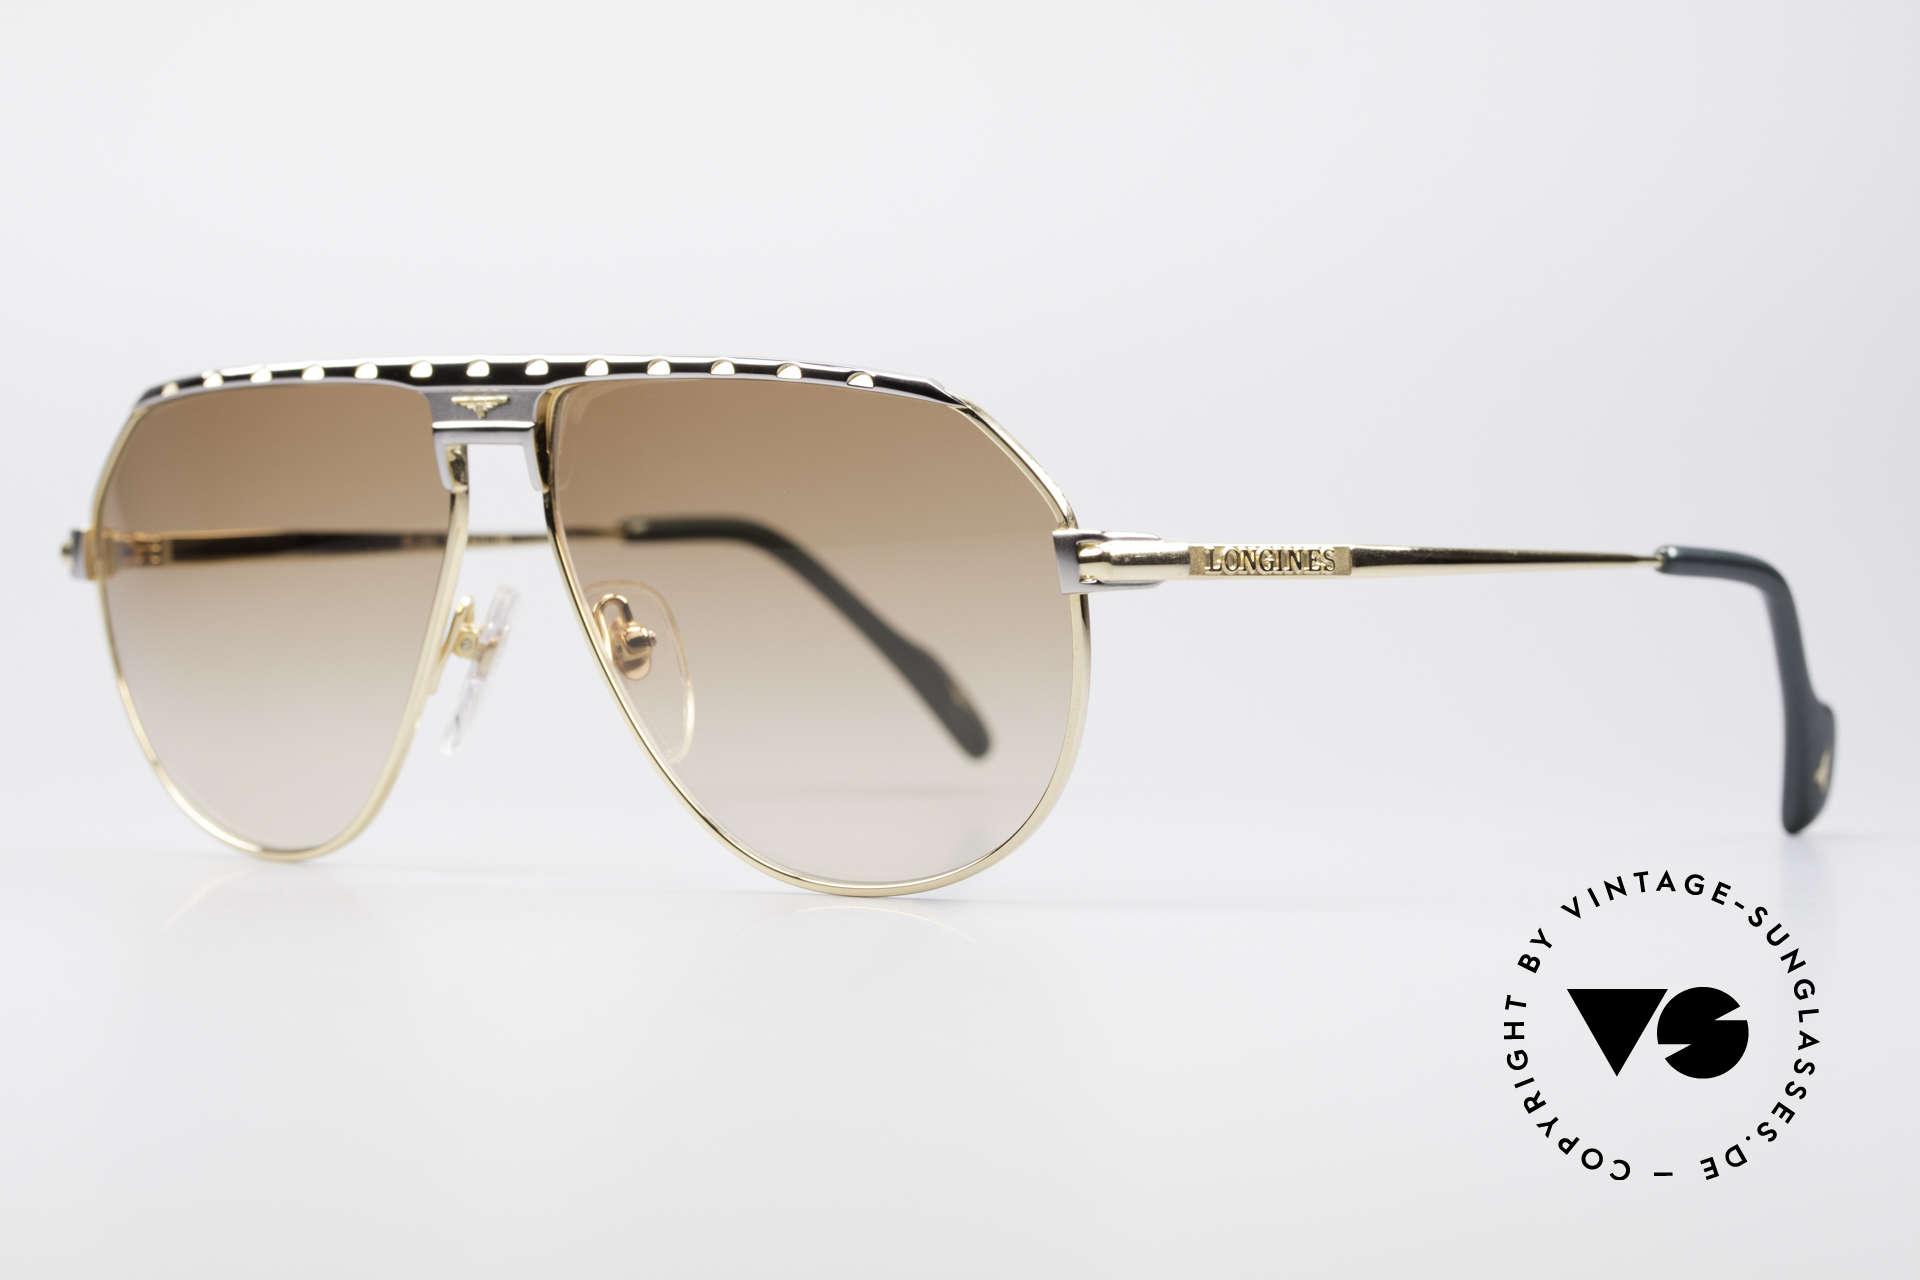 Longines 0151 Large Titanium Sonnenbrille, 'PURE TITANIUM' Rahmen und entsprechend leicht, Passend für Herren